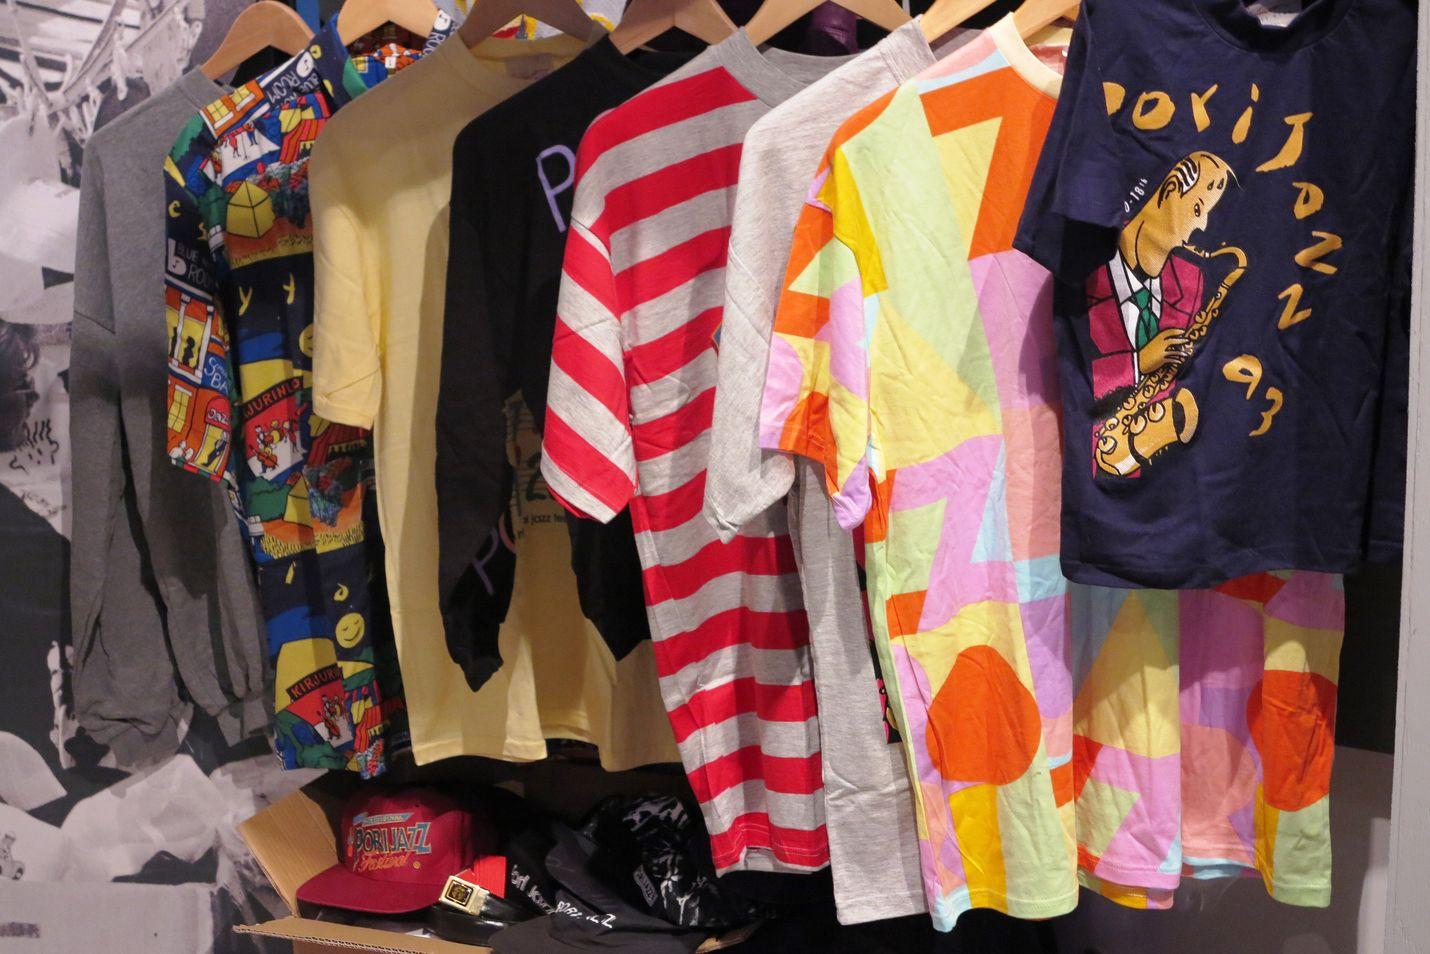 Pori Jazz -paitoja vuosien varrelta (kuva: Ari Anteroinen)